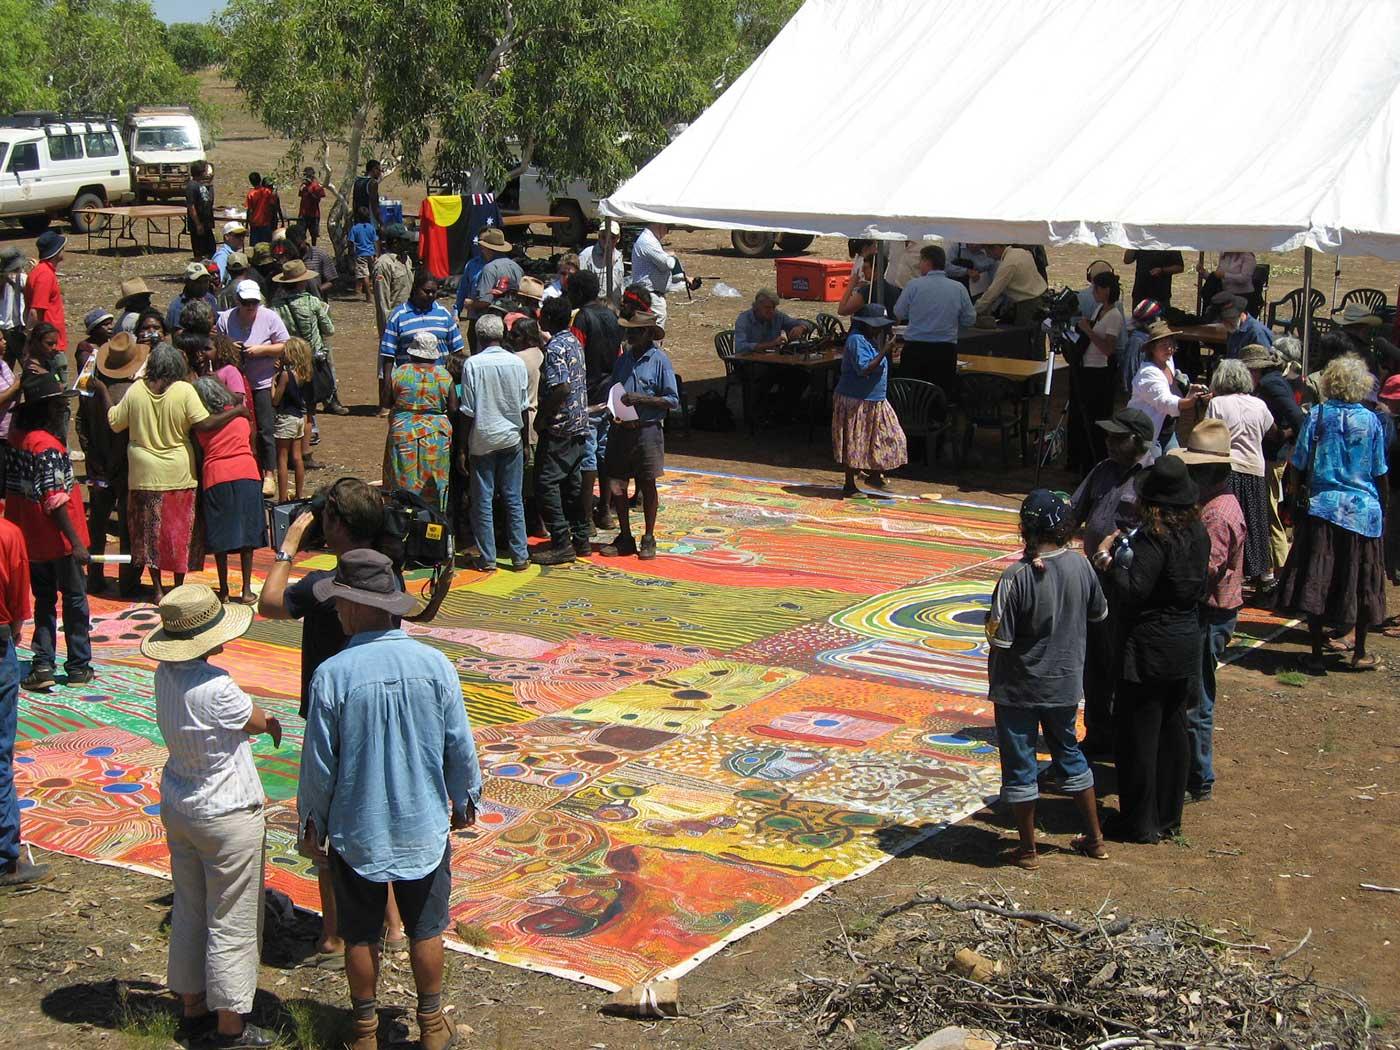 The Ngurrara Canvas at the Ngurrara native title determination proceedings at Pirnini, November 2007. - click to view larger image